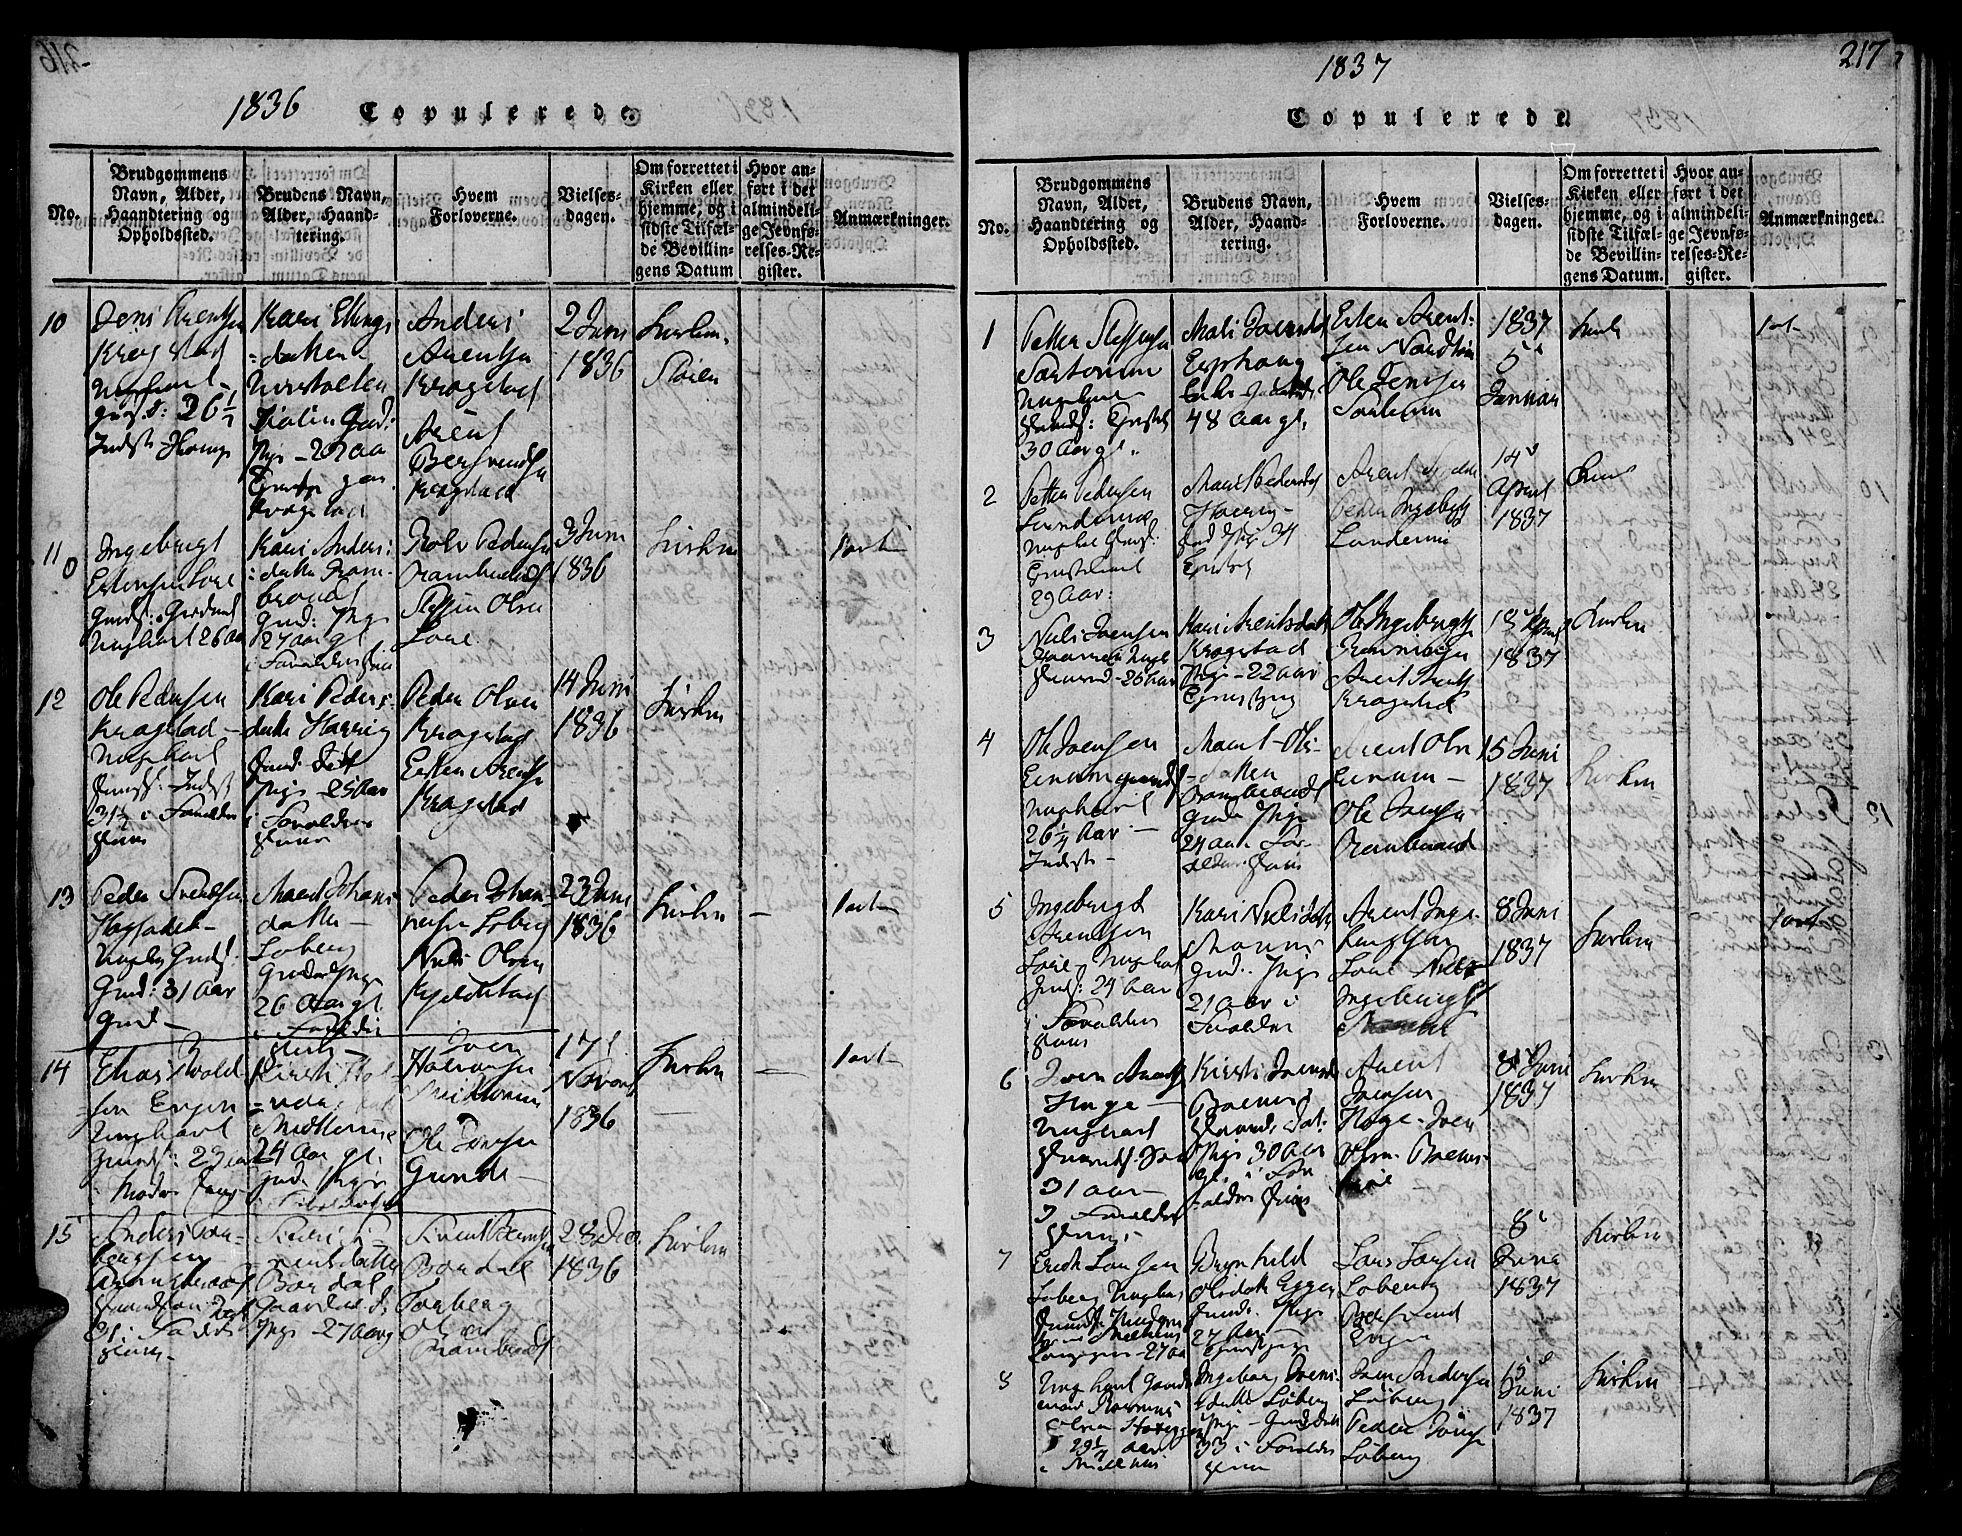 SAT, Ministerialprotokoller, klokkerbøker og fødselsregistre - Sør-Trøndelag, 692/L1102: Ministerialbok nr. 692A02, 1816-1842, s. 217